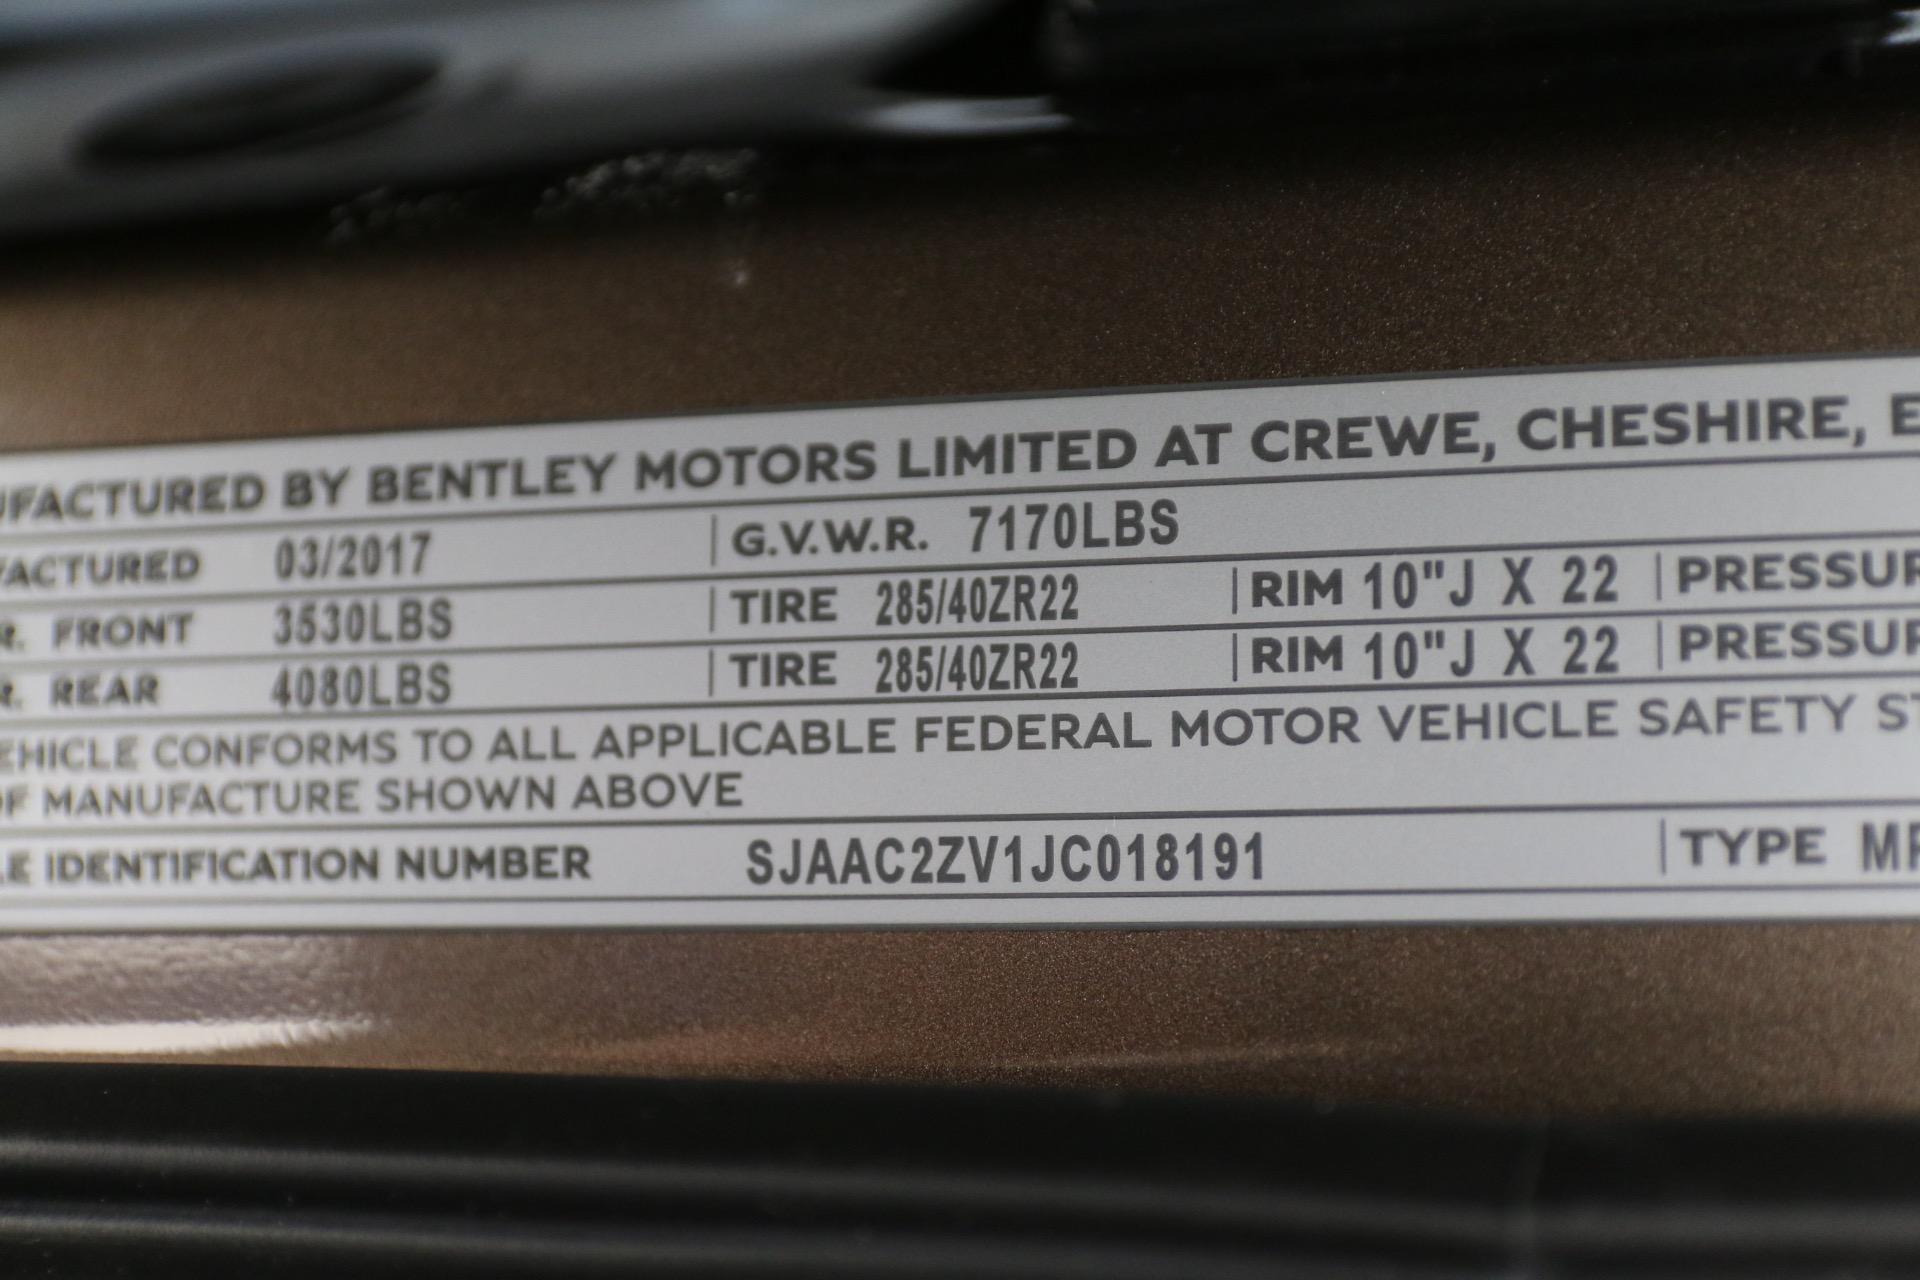 2018 bentley bentayga onyx. Beautiful Onyx New 2018 Bentley BENTAYGA W12 ONYX  Vienna VA In Bentley Bentayga Onyx